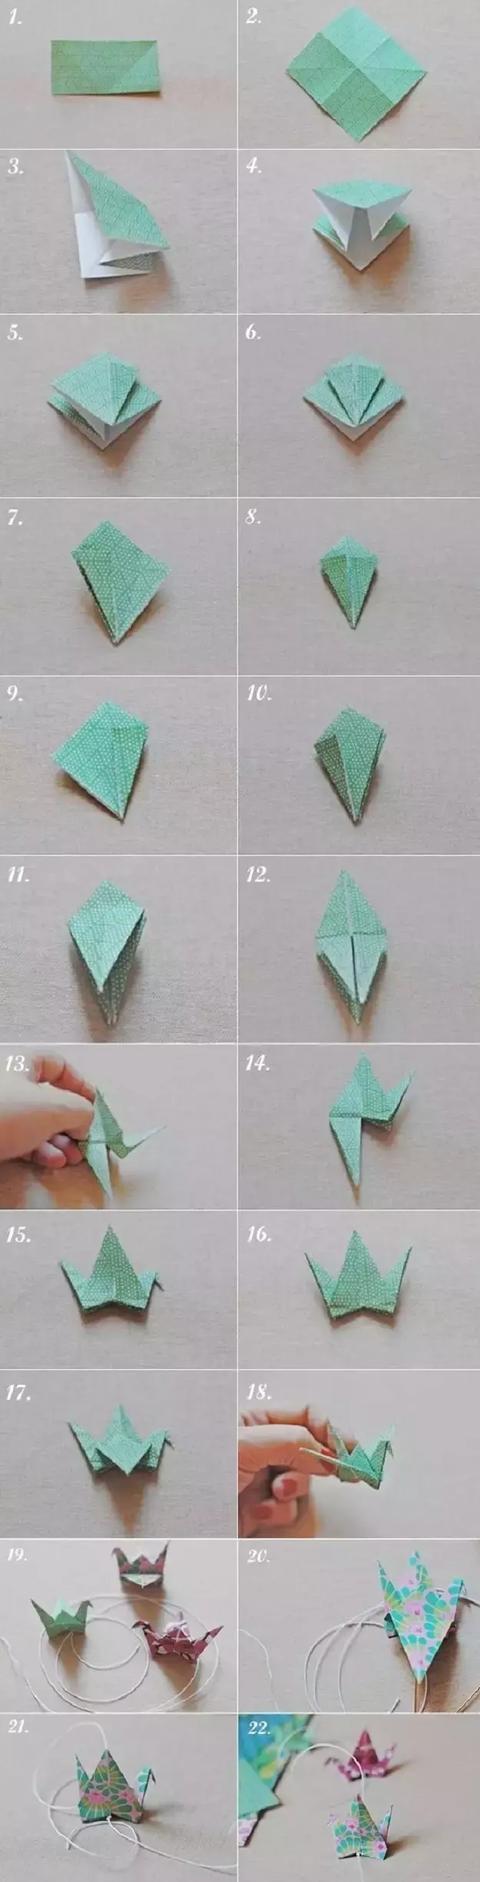 幼儿园折纸手工大全:星星千纸鹤川崎玫瑰等图片